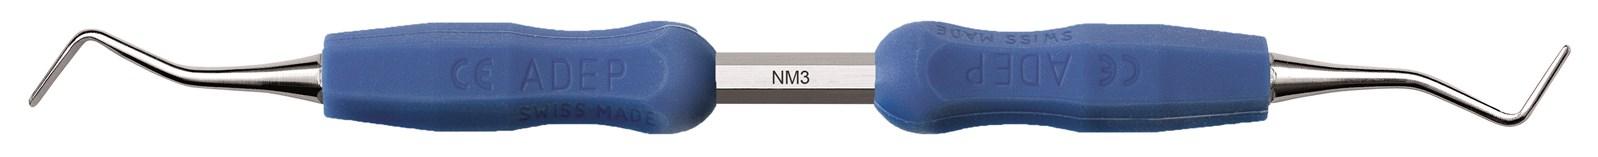 Lžičkové dlátko - NM3, ADEP šedý